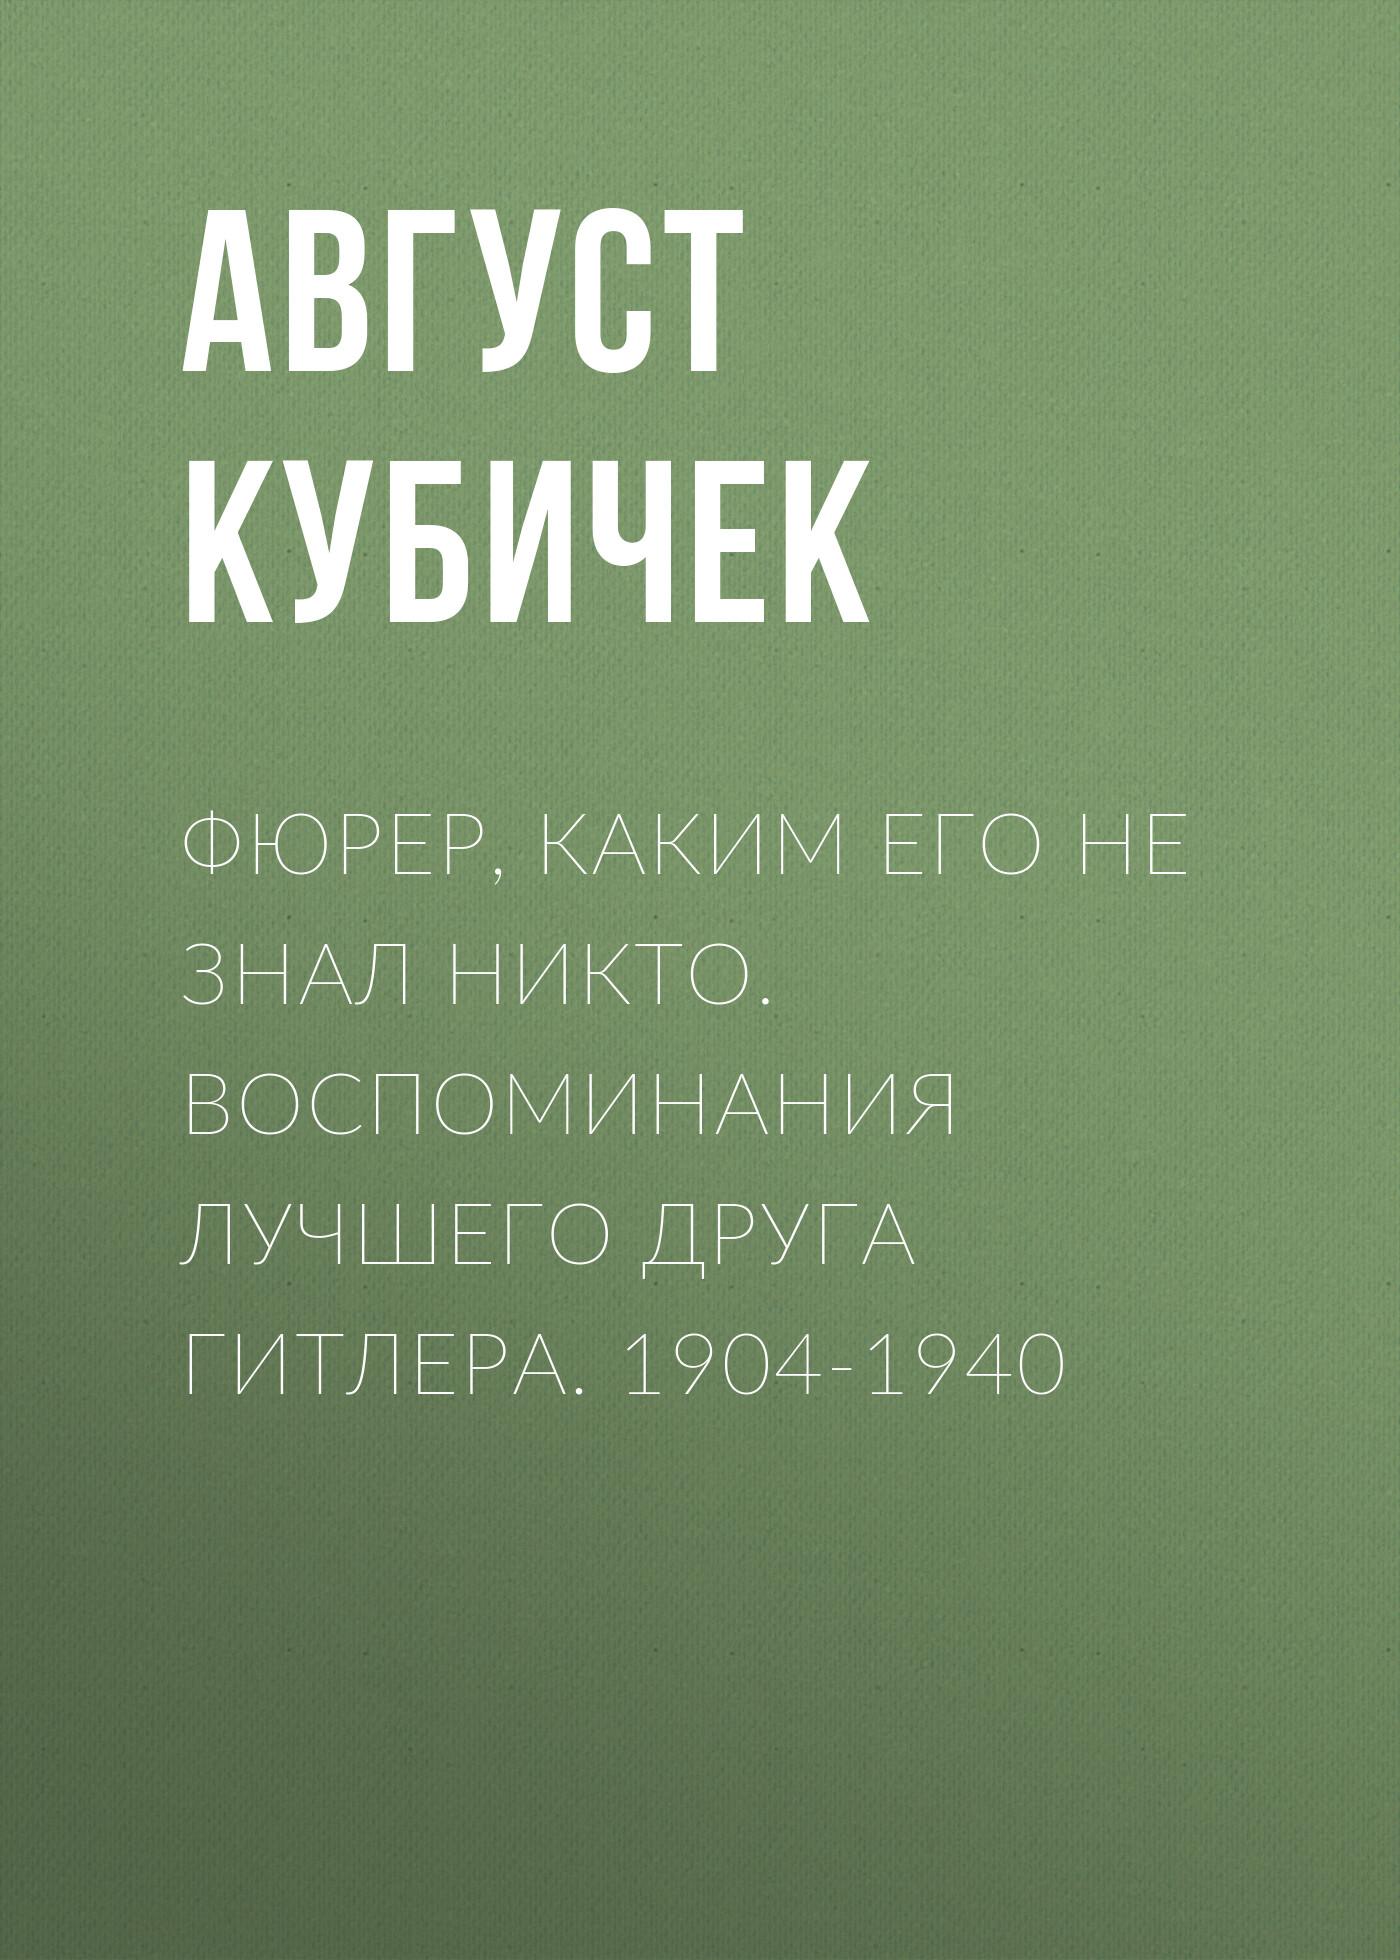 Август Кубичек Фюрер, каким его не знал никто. Воспоминания лучшего друга Гитлера. 1904-1940 фельдмаршалы гитлера и их битвы